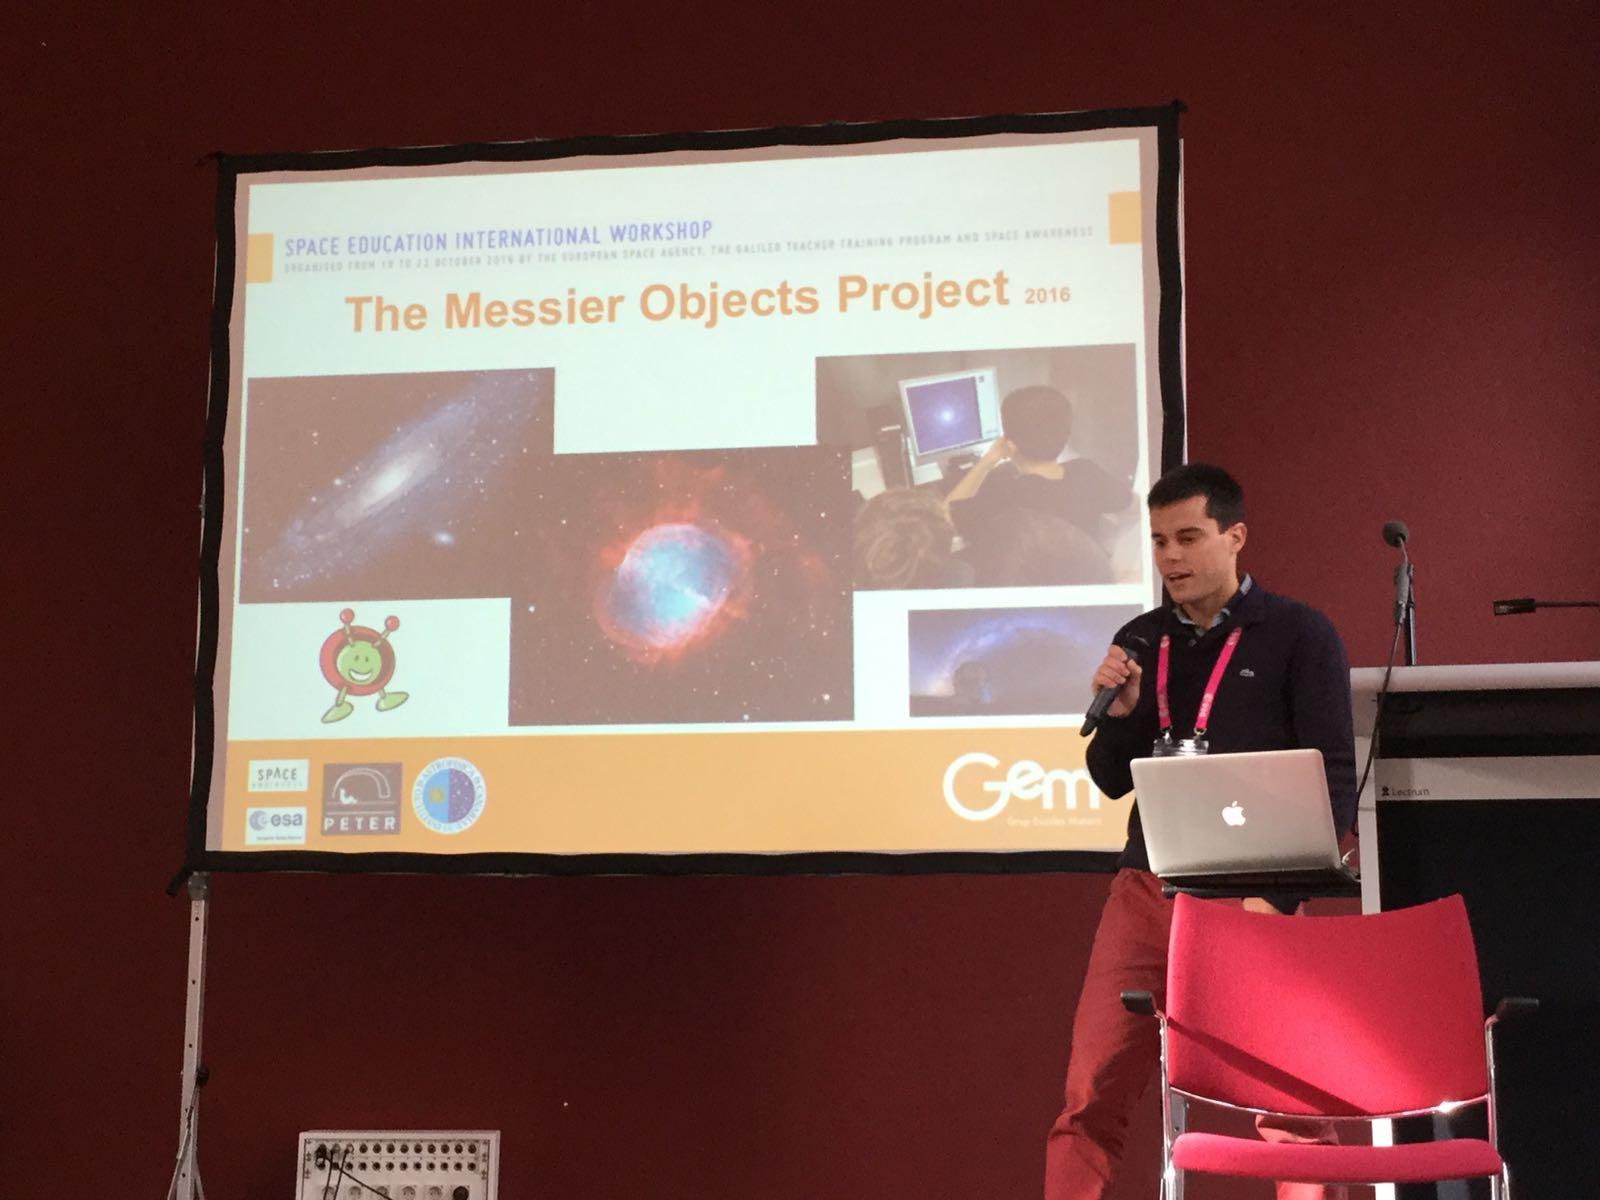 """Aleix Roig, profesor de Escola Gem, durante su presentación del proyecto """"Objetos Messier"""" en Leiden. Créditos: Aleix Roig (Escola Gem)"""